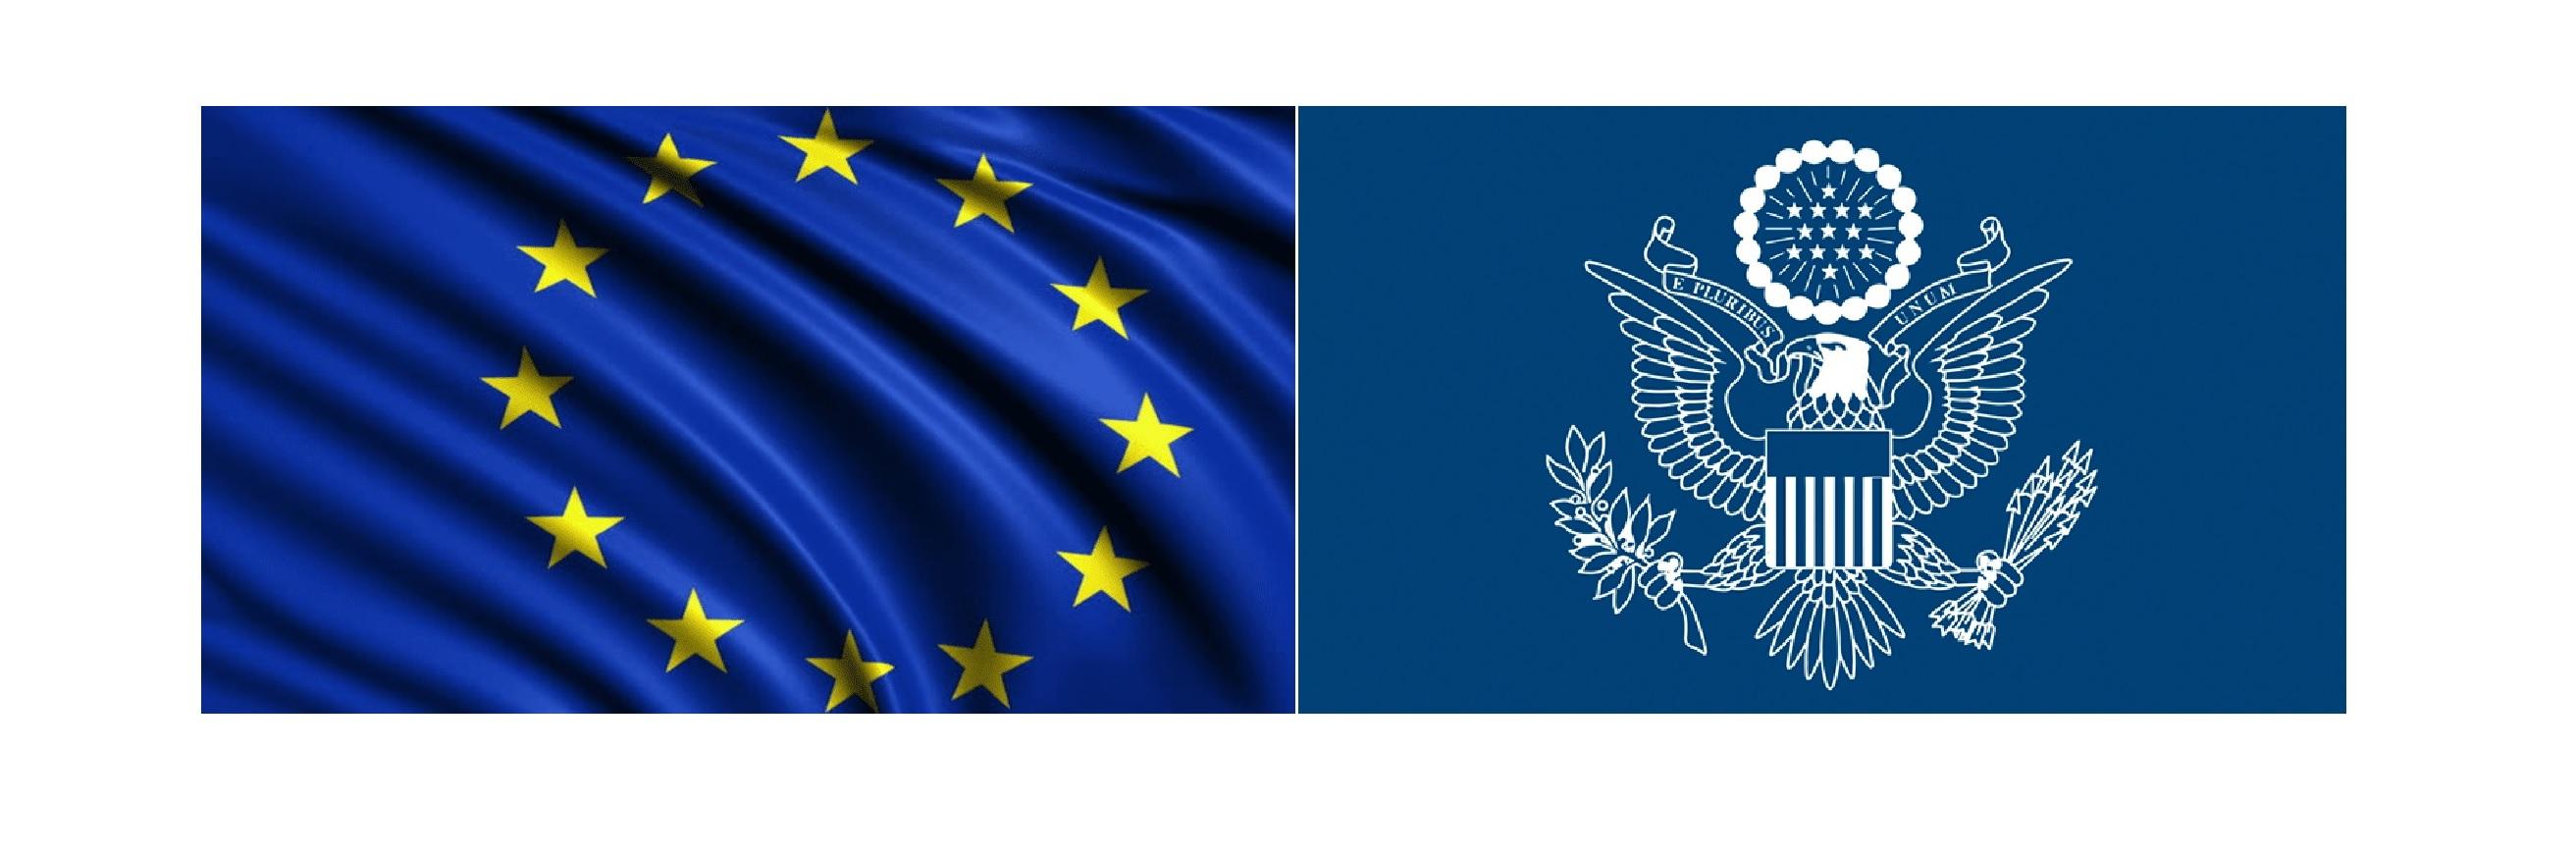 საქართველოში ევროკავშირის წარმომადგენლობა და აშშ-ს საელჩო - თბილისში მიმდინარე მოვლენების თაობაზე